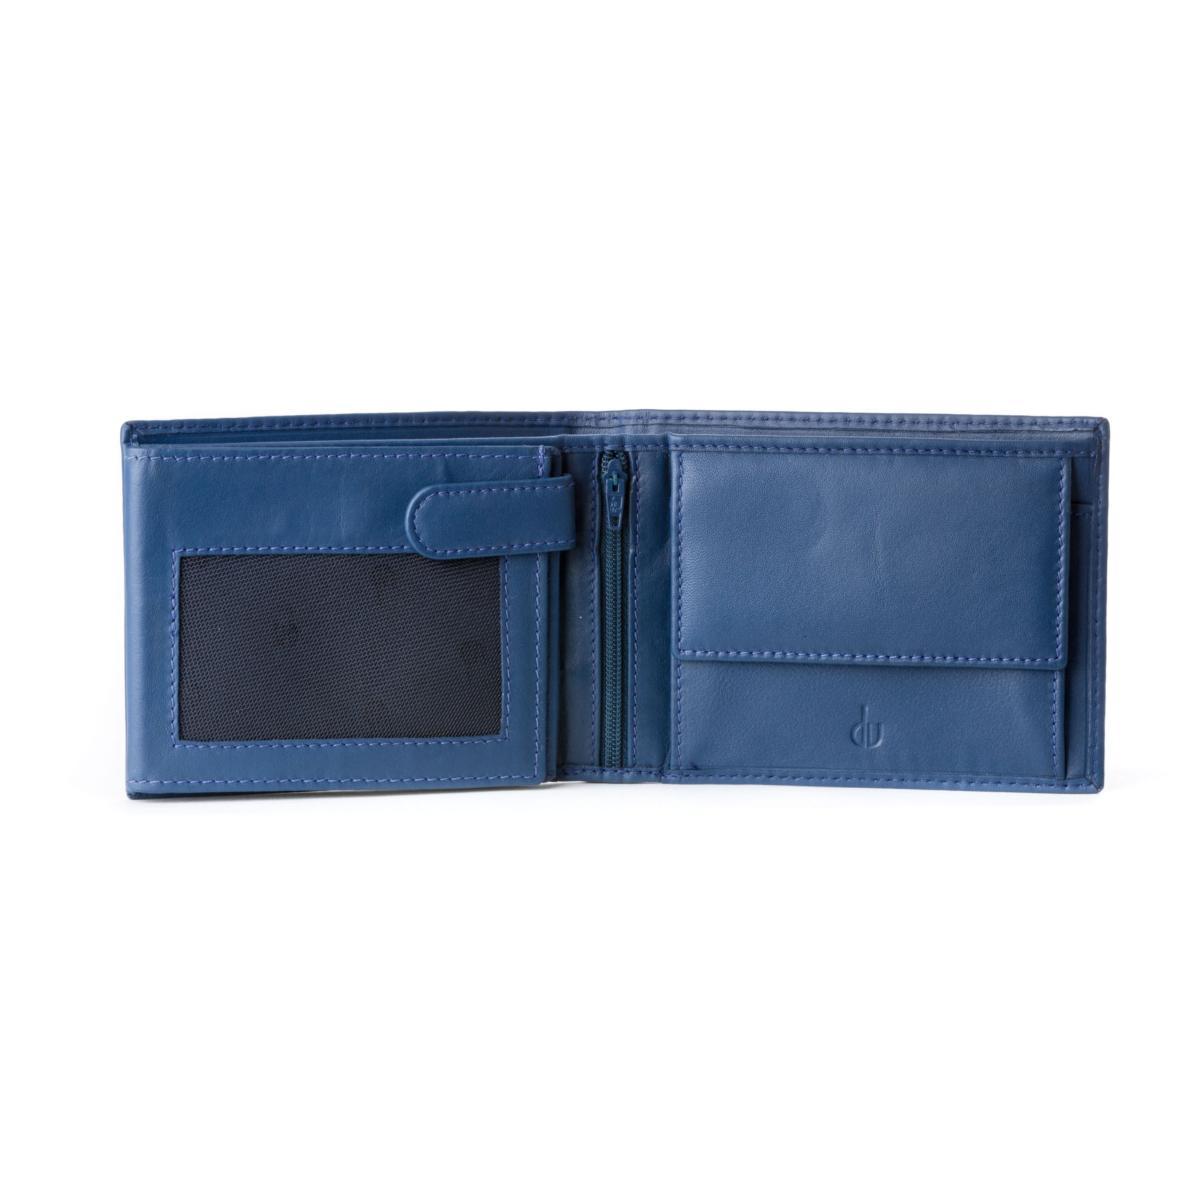 plus récent 56d9e db8f6 Portefeuille Pratique Cuir Homme Bleu - Dudubags -